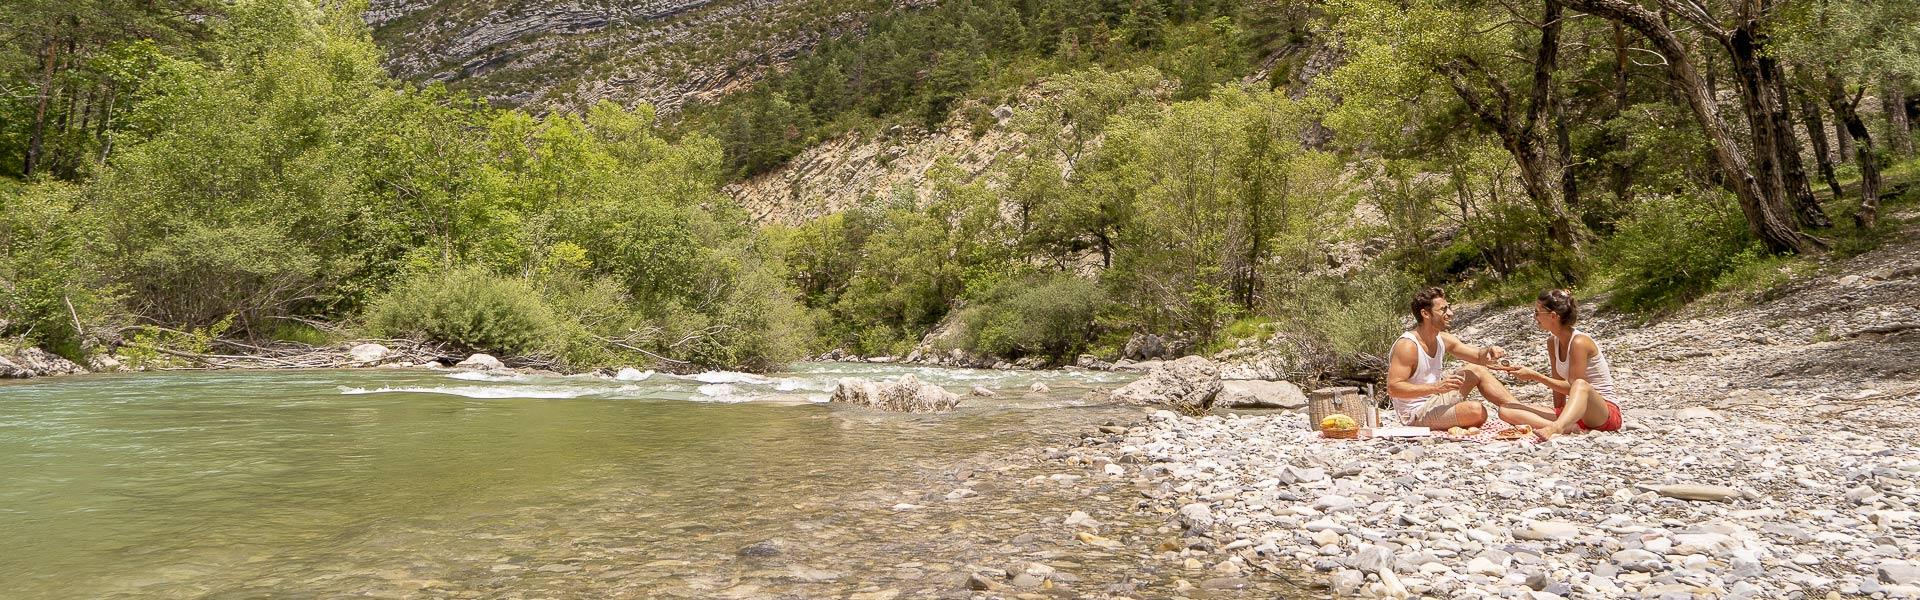 Camping al borde del río